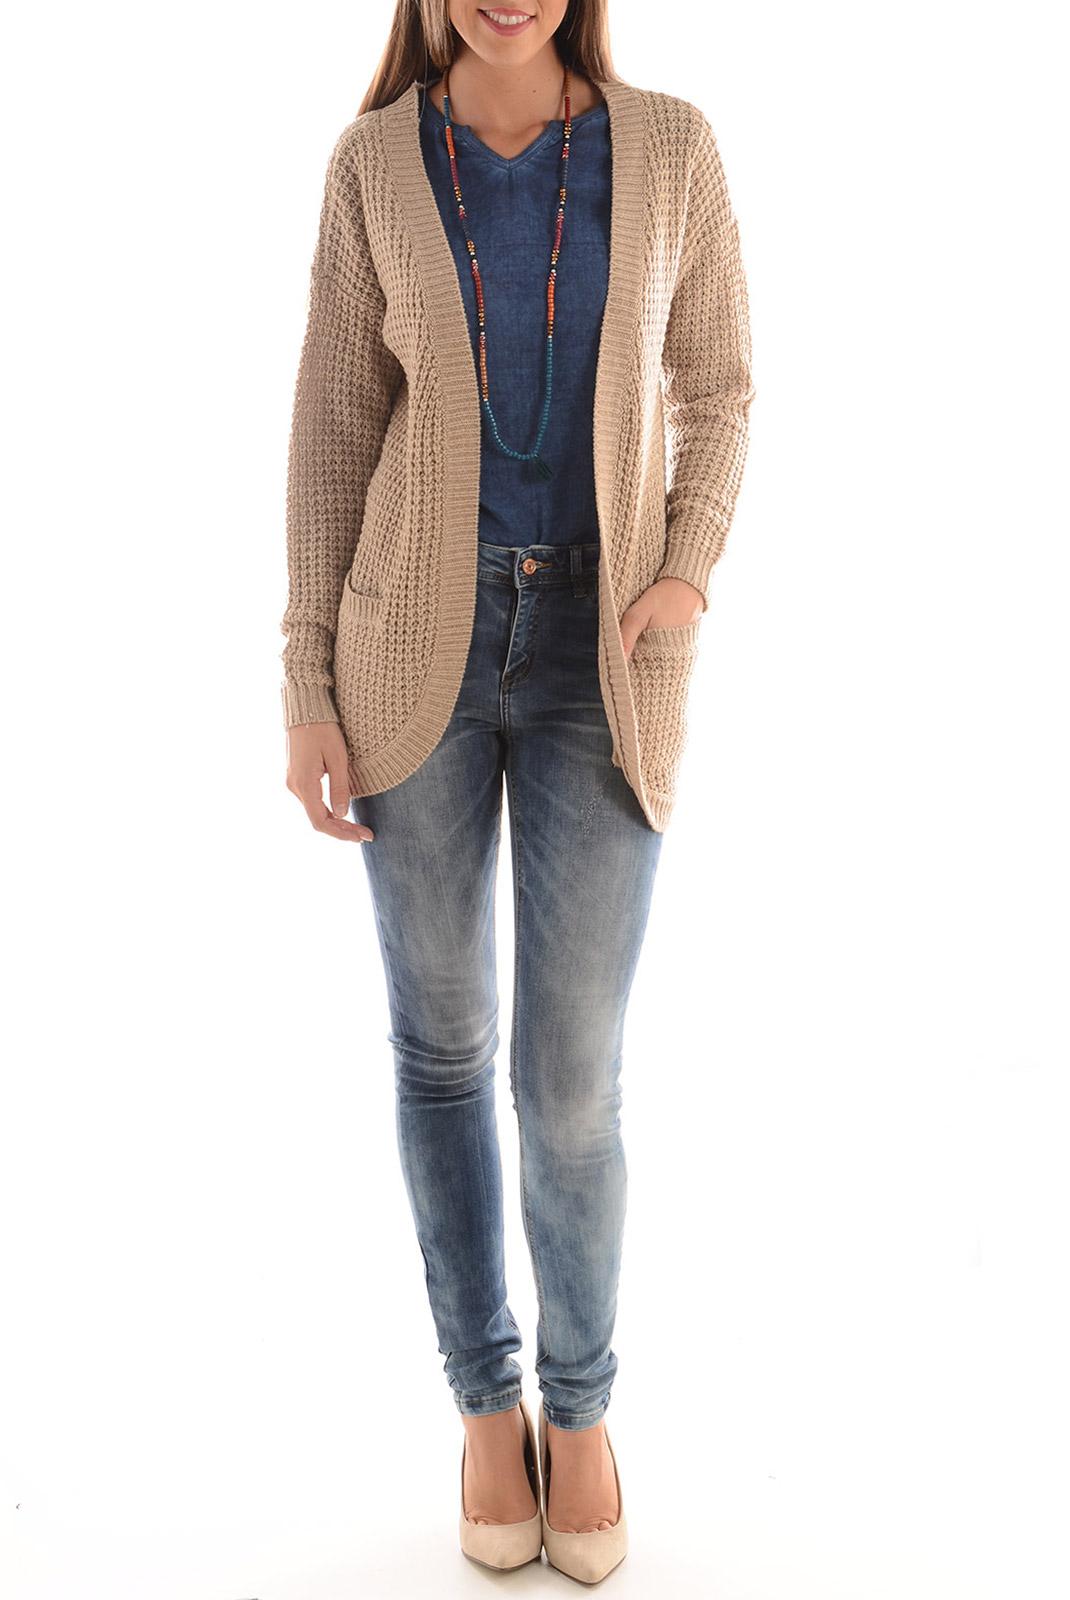 Jeans   Vero moda SEVEN NM SUPER SLIM MEDIUM BLUE DENIM